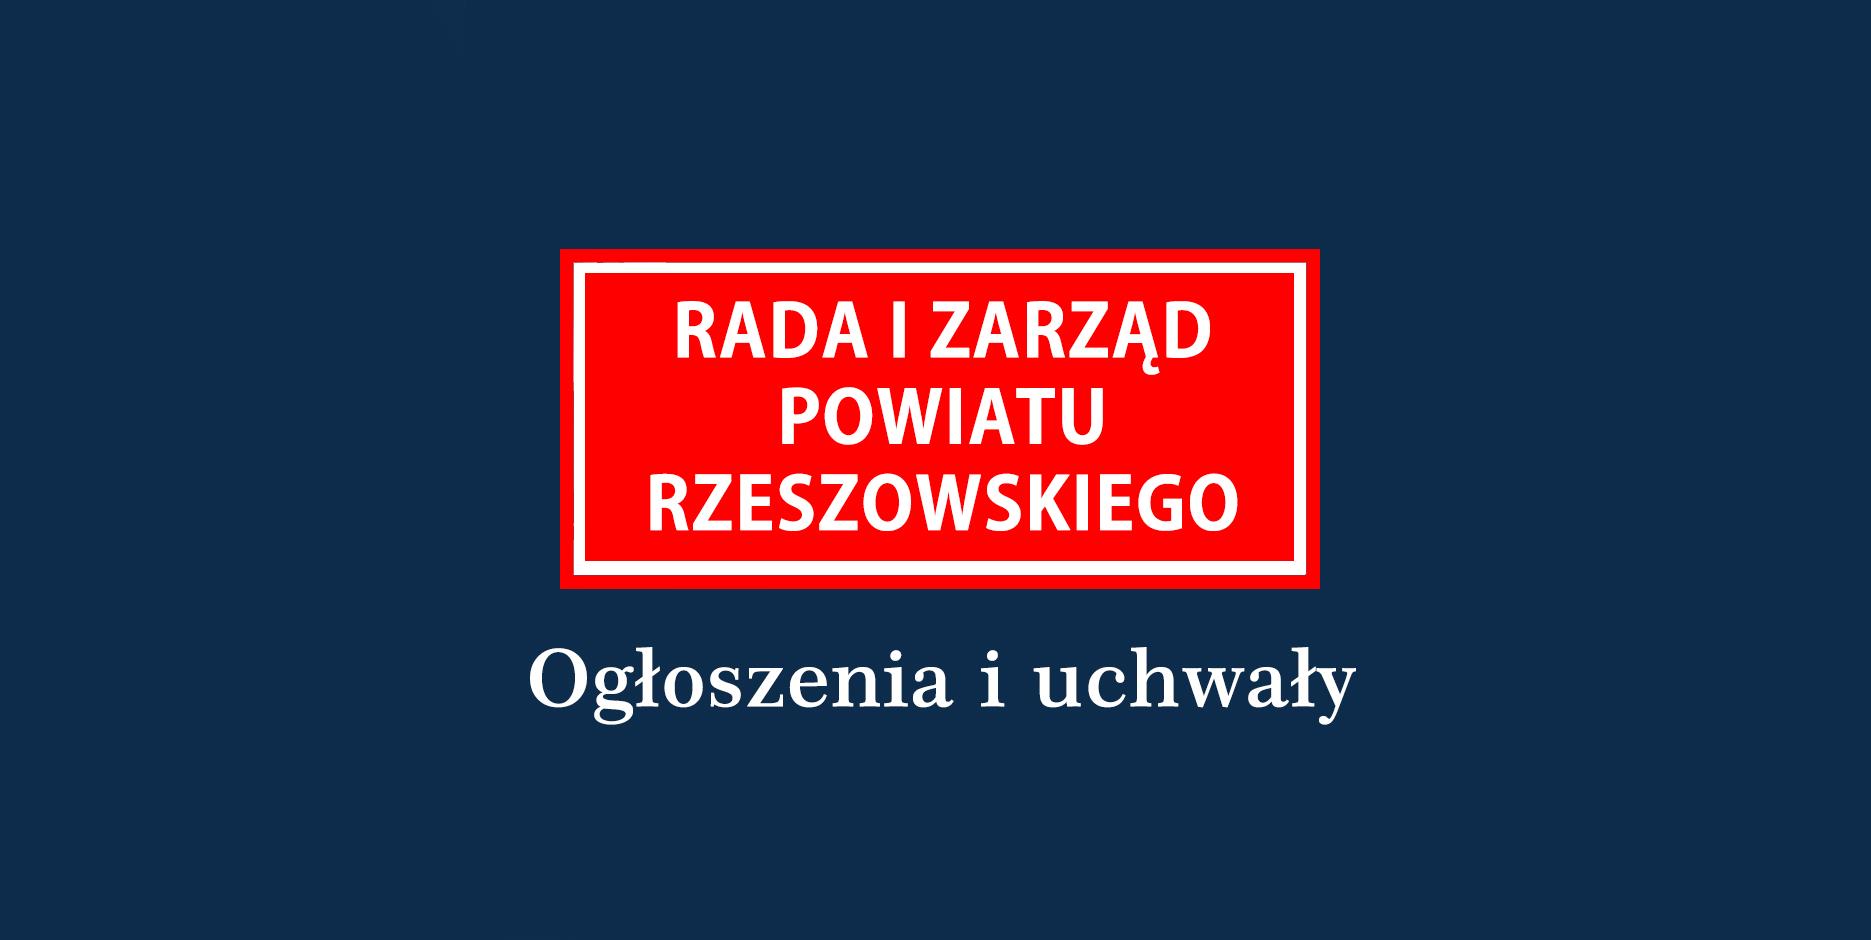 Konsultacje programu współpracy Powiatu Rzeszowskiego zorganizacjami pozarządowymi na rok 2022